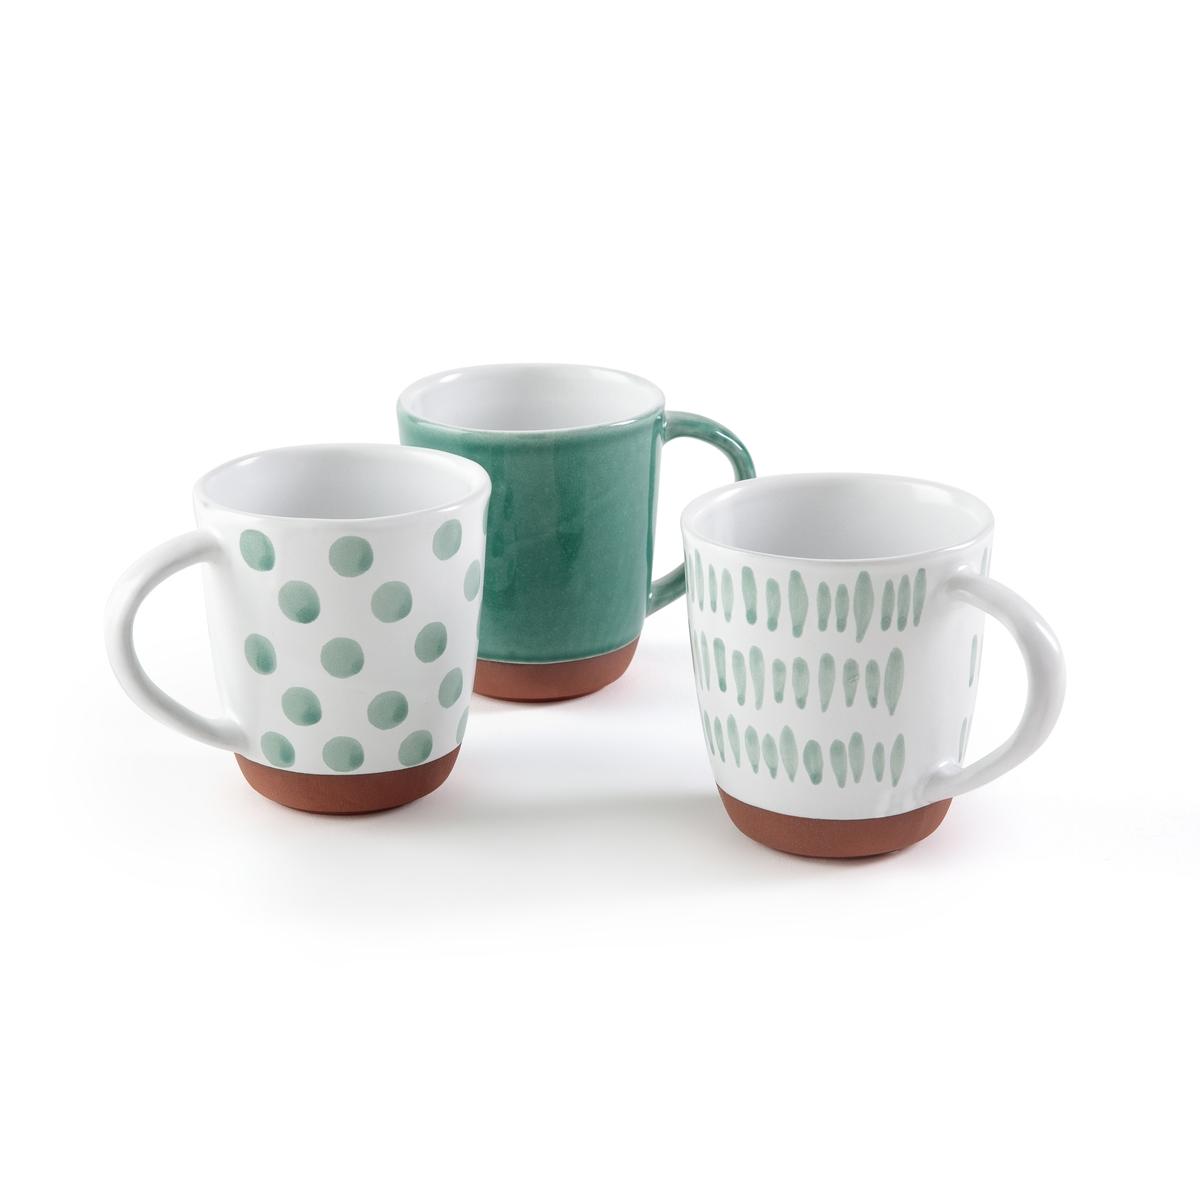 Чашка из терракоты FERIA (3 шт.)Описание:Комплект из 3 чашек из терракоты La Redoute Interieurs в оригинальных и гармоничных цветах.Характеристики 3 чашек •  Терракота, дно без оттделки •  1 чашка с рисунком в мелкие черточки •  1 чашка с рисунком в горох •  1 однотонная чашка •  Ручное производство, сделано в ПортугалииРазмеры 3 чашек •  Размеры : 13 x 13 x 10 смВсю коллекцию столового декора вы найдете на сайте laredoute.<br><br>Цвет: зеленый,персиковый